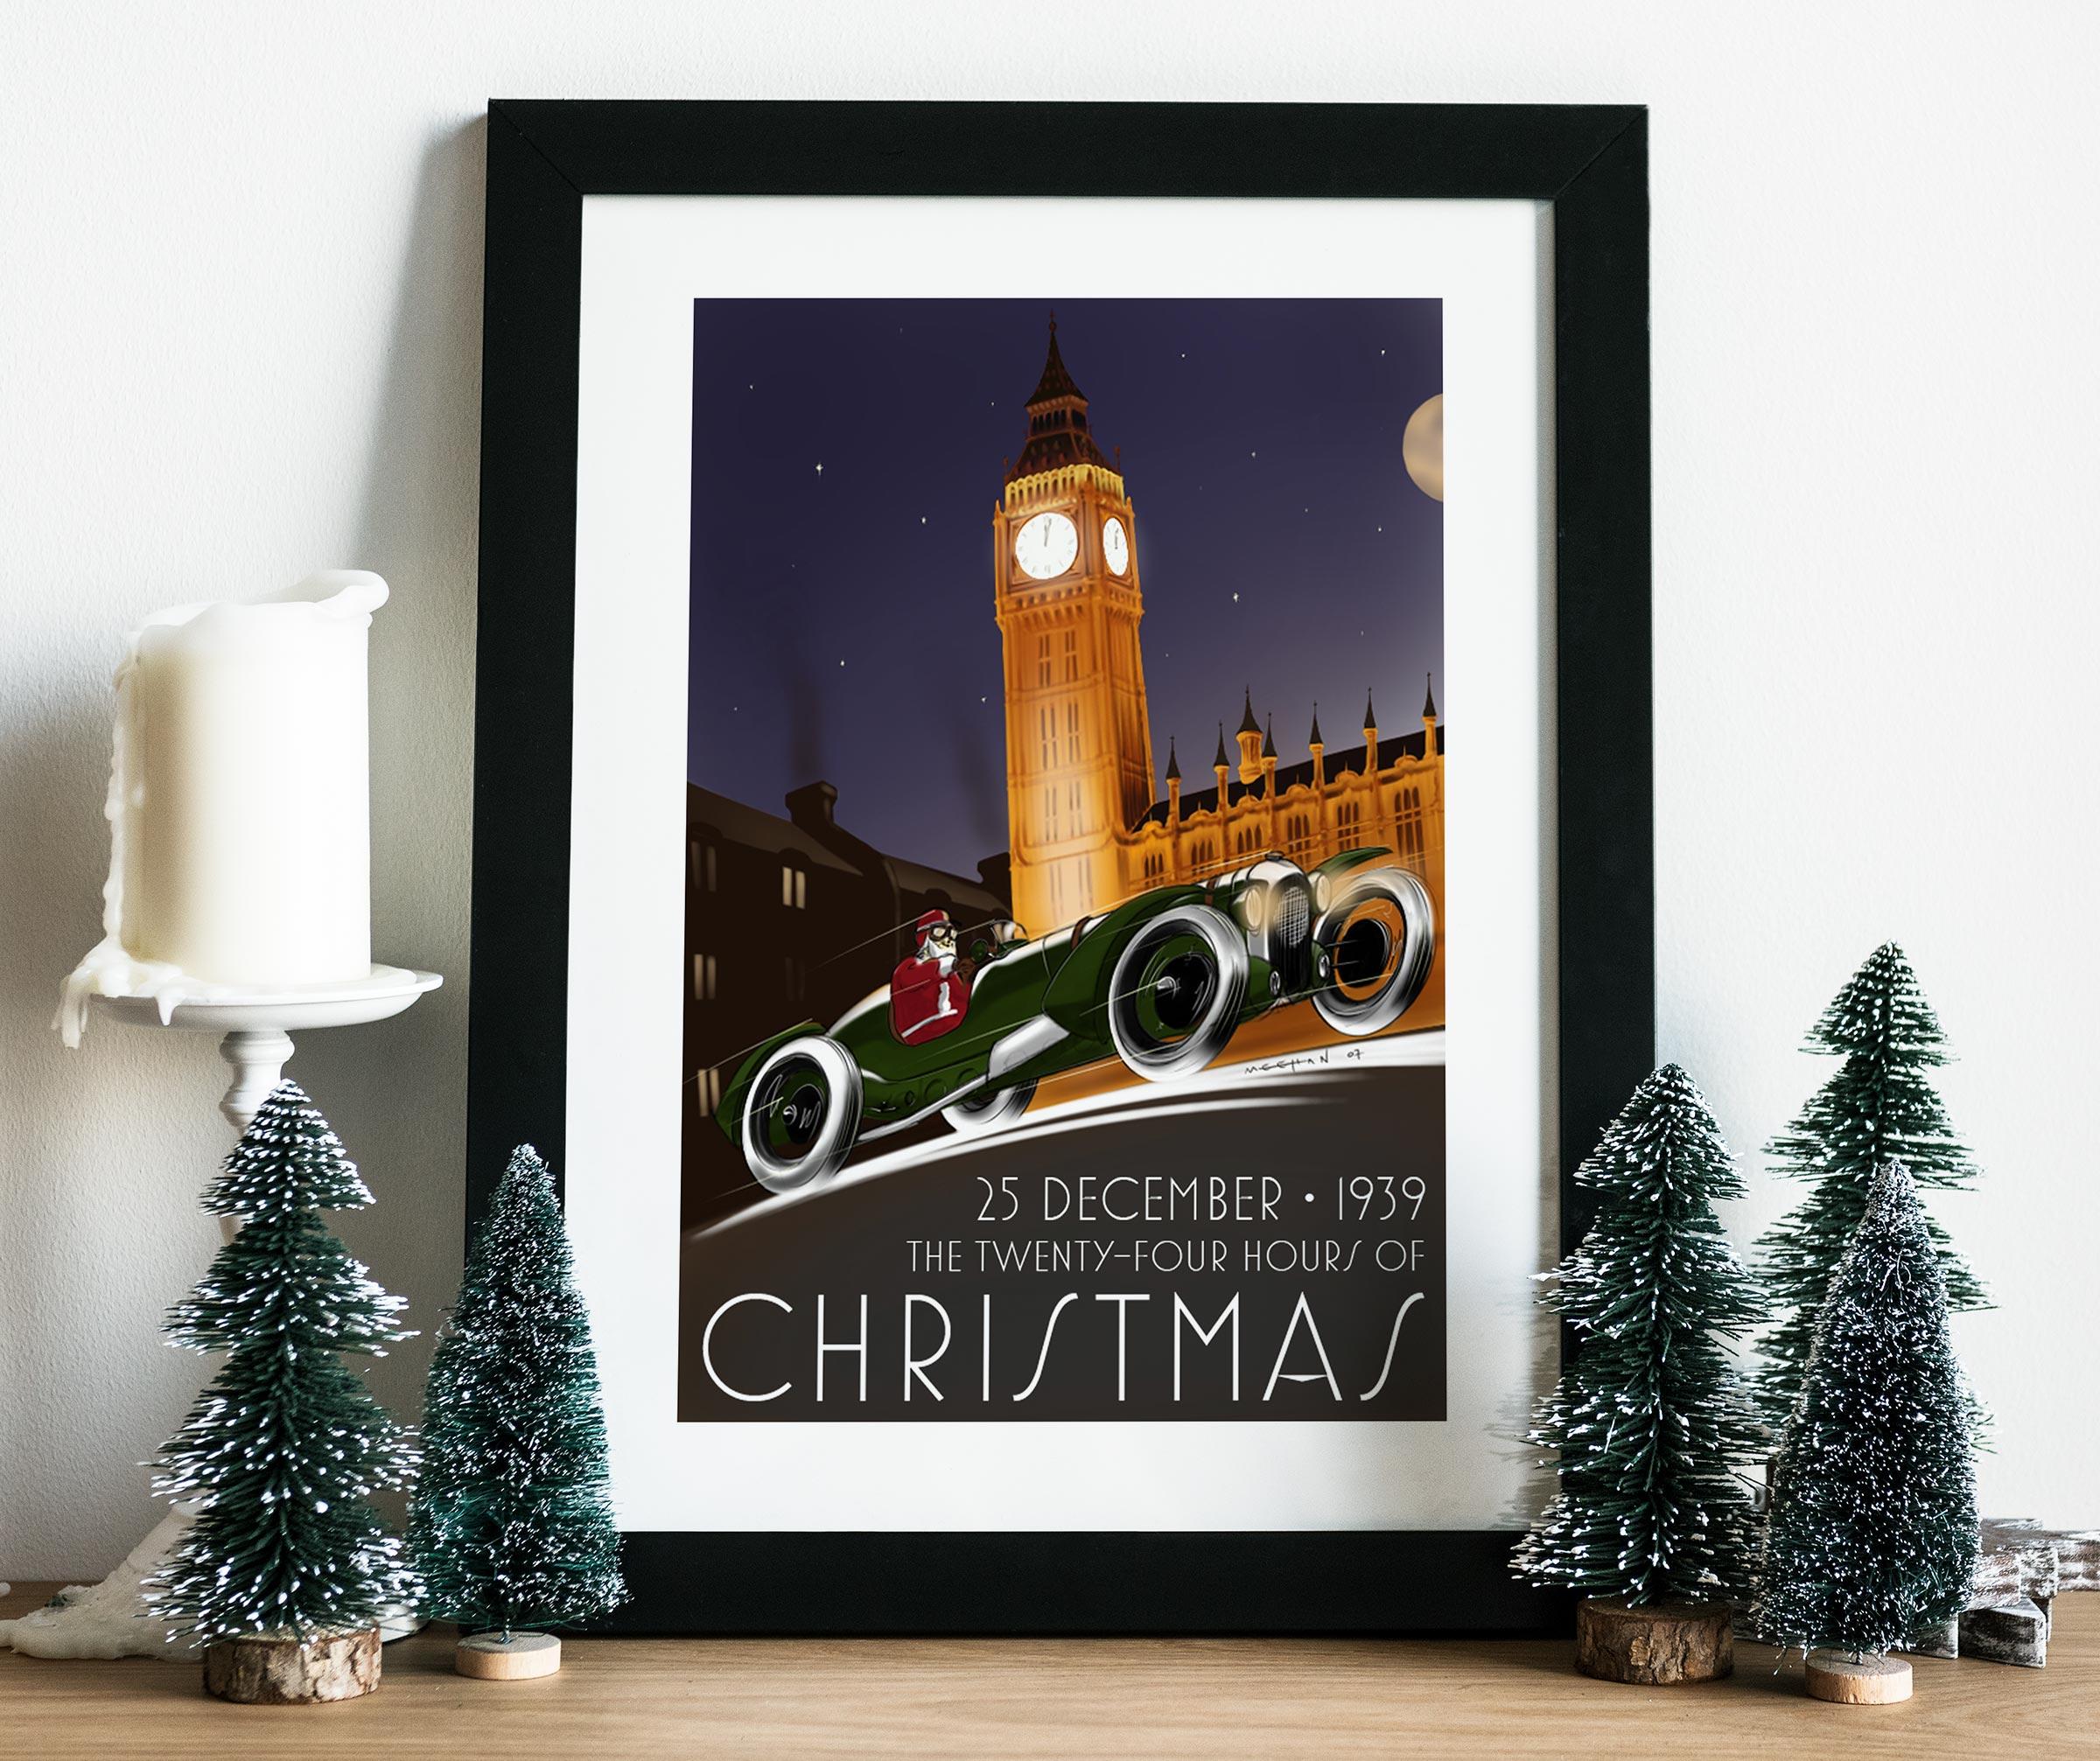 2007 Christmas Poster mockup